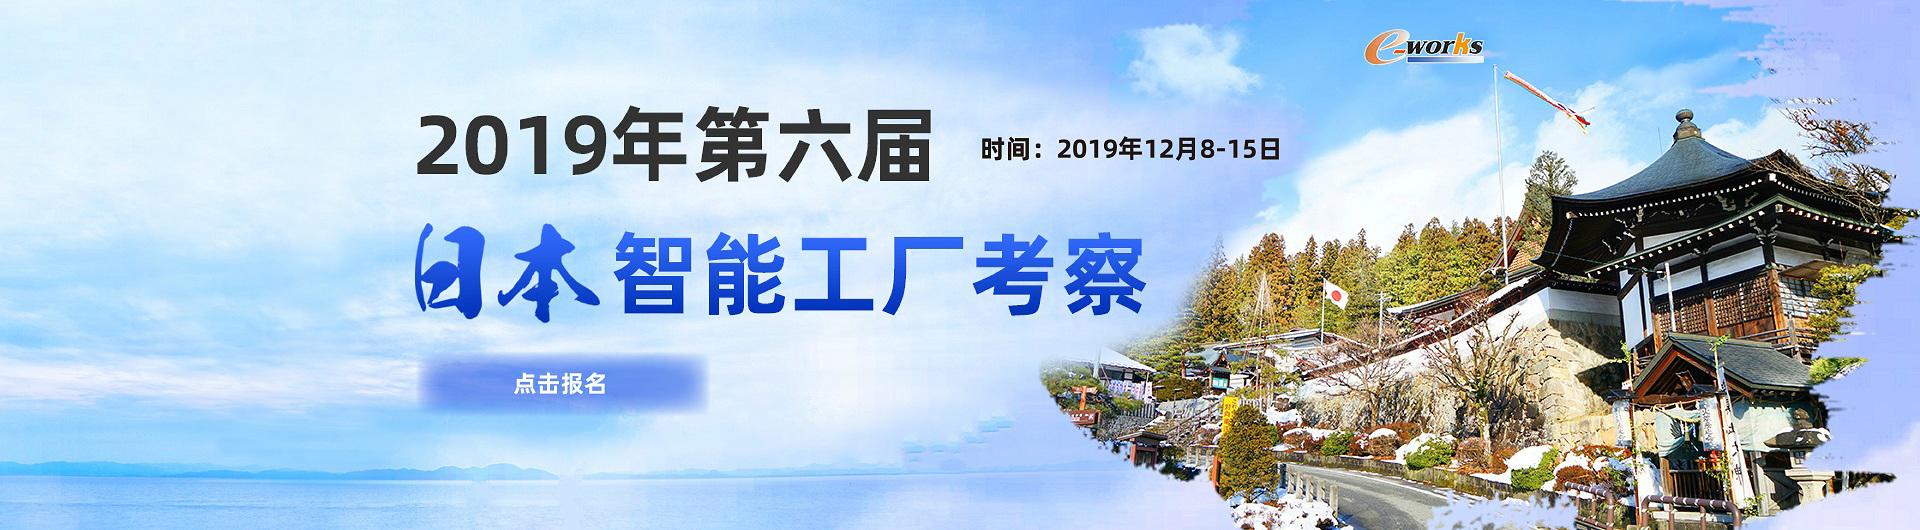 DFS-日本考察团